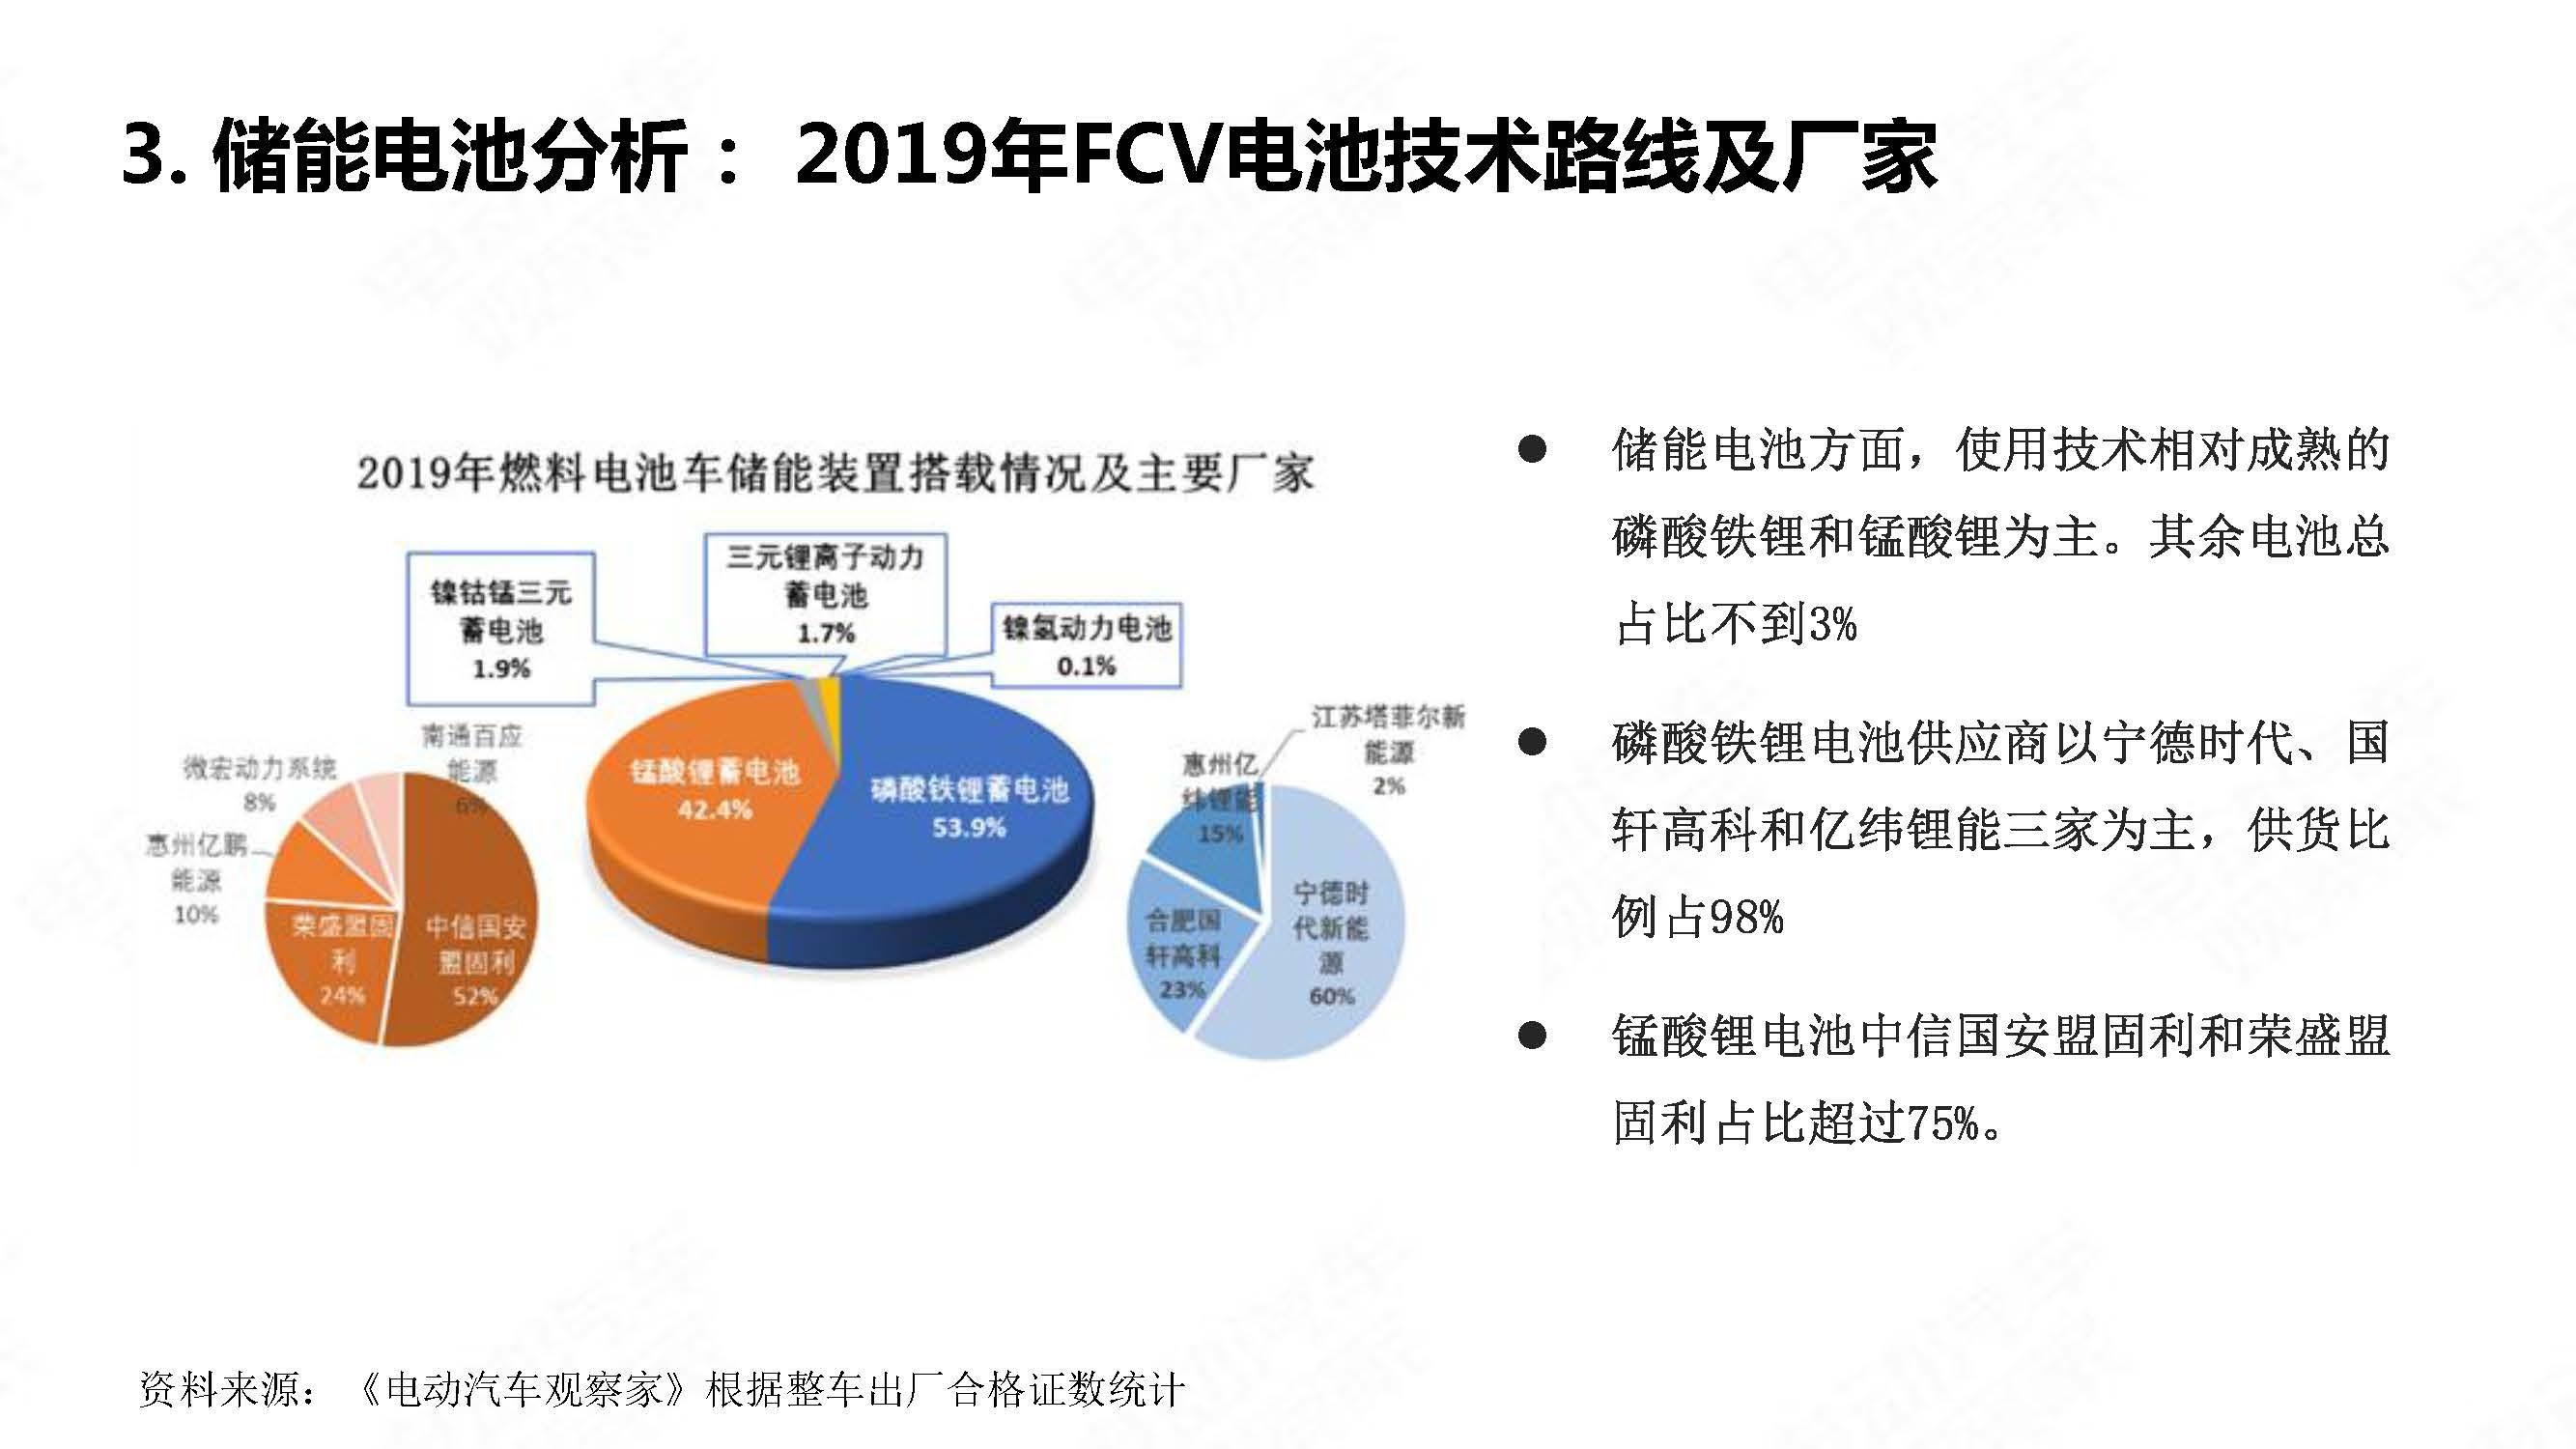 中国氢燃料电池汽车年度观察2020_页面_09